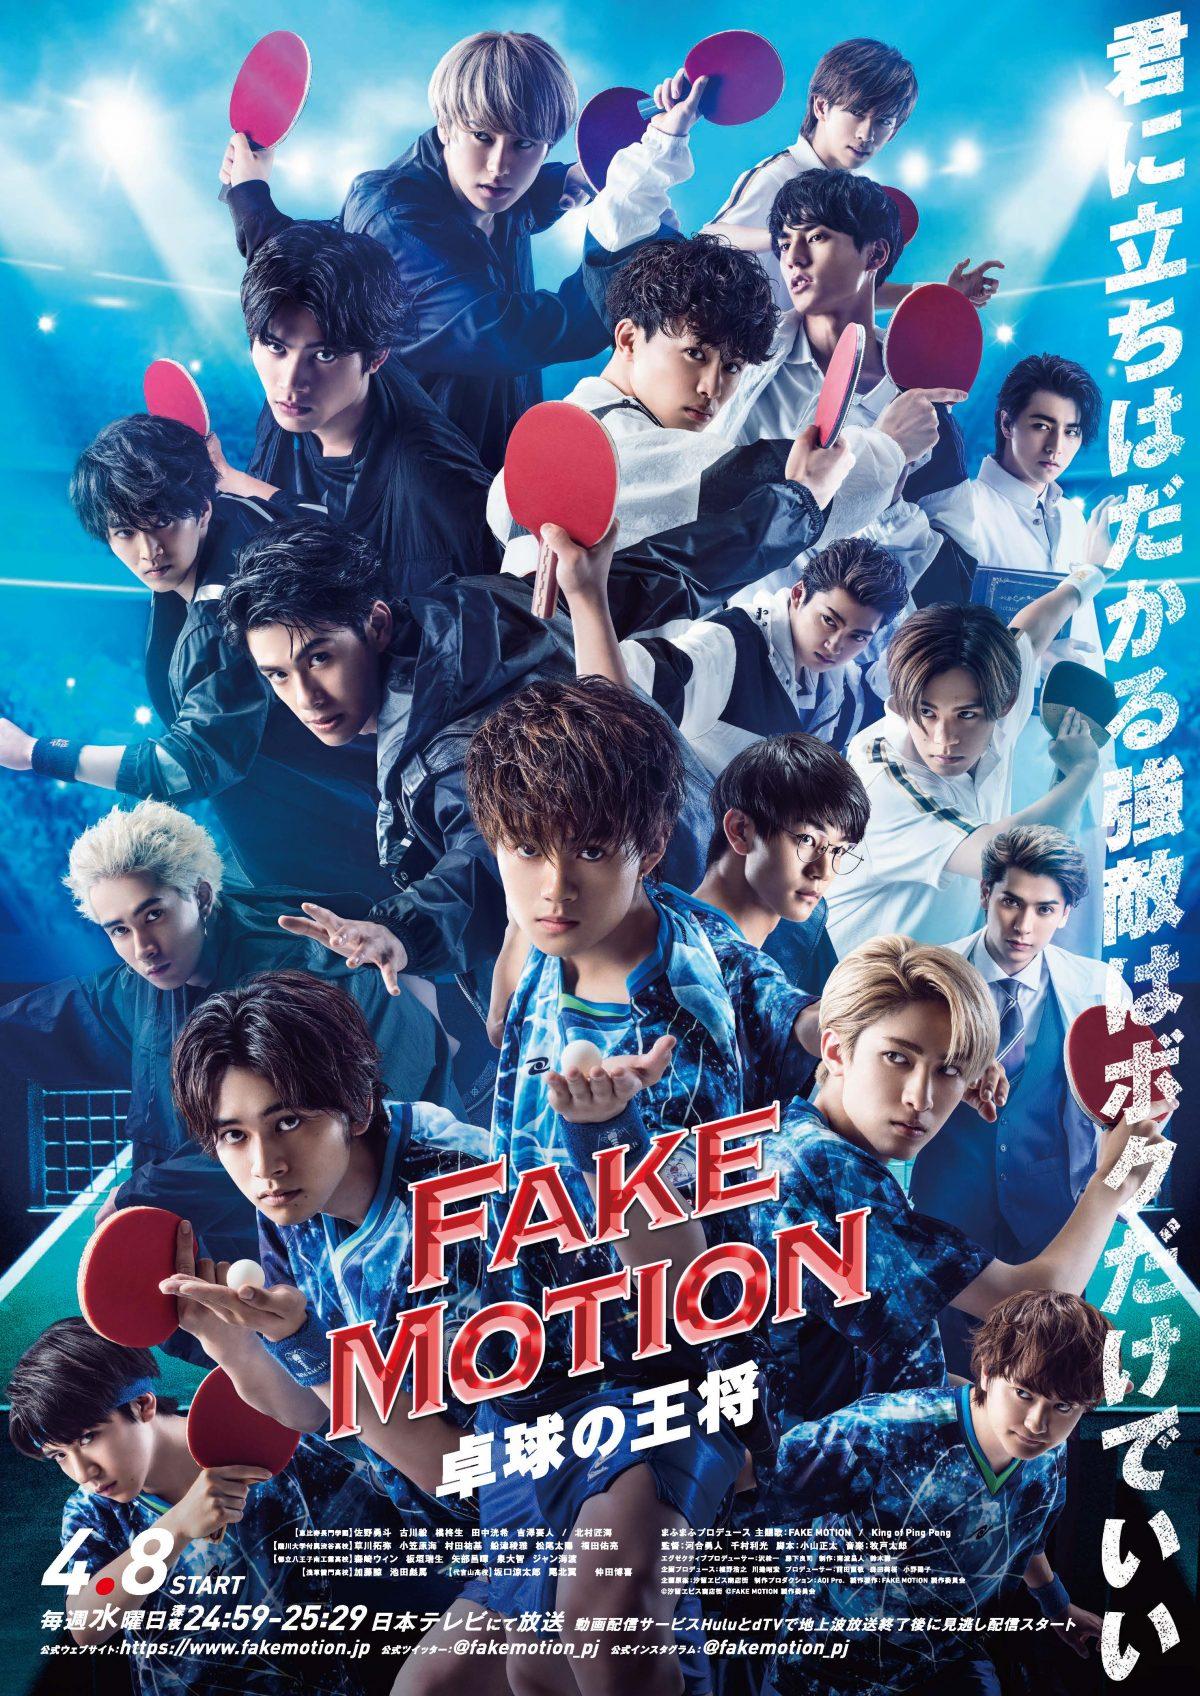 ドラマ「 FAKE MOTION -卓球の王将 -」メインビジュアル